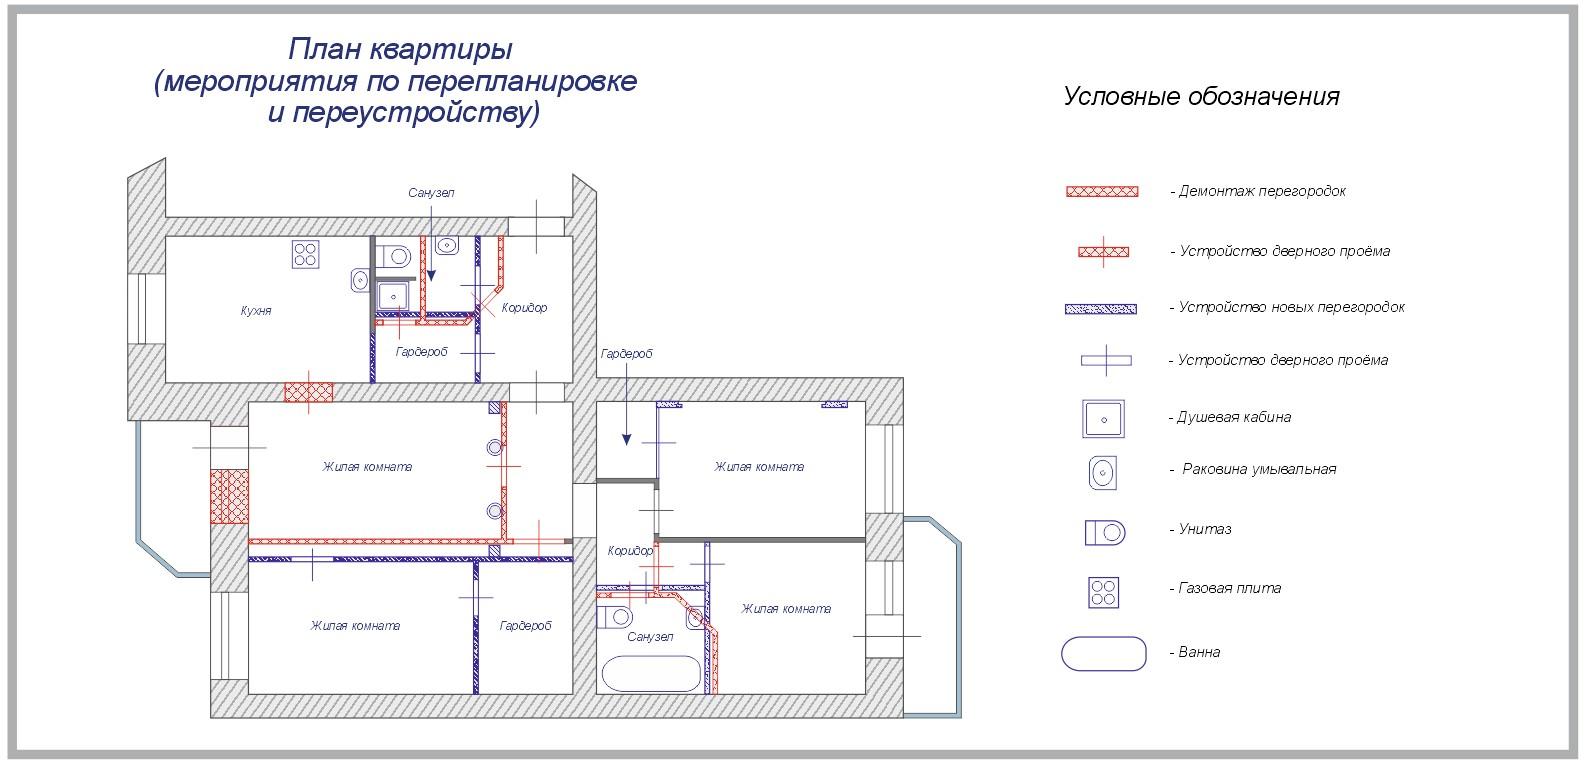 Надежное согласование перепланировки квартиры